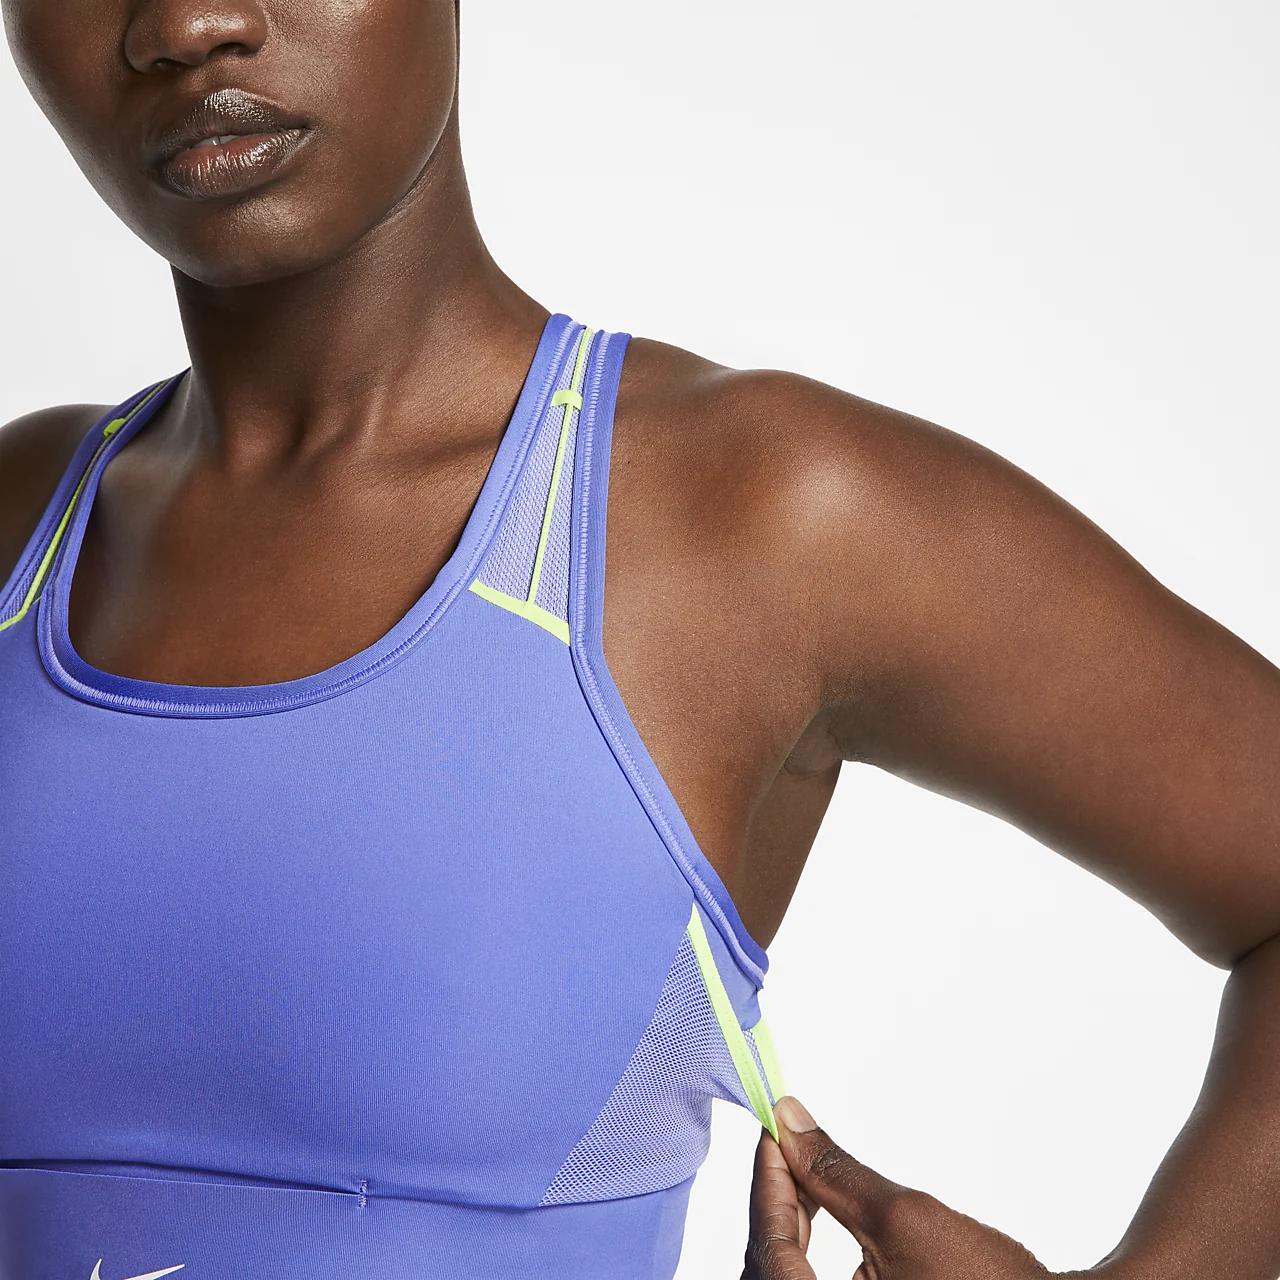 나이키 스우시 아이콘 클래쉬 여성 미디엄-서포트 포켓 스포츠 브라 CJ0698-500